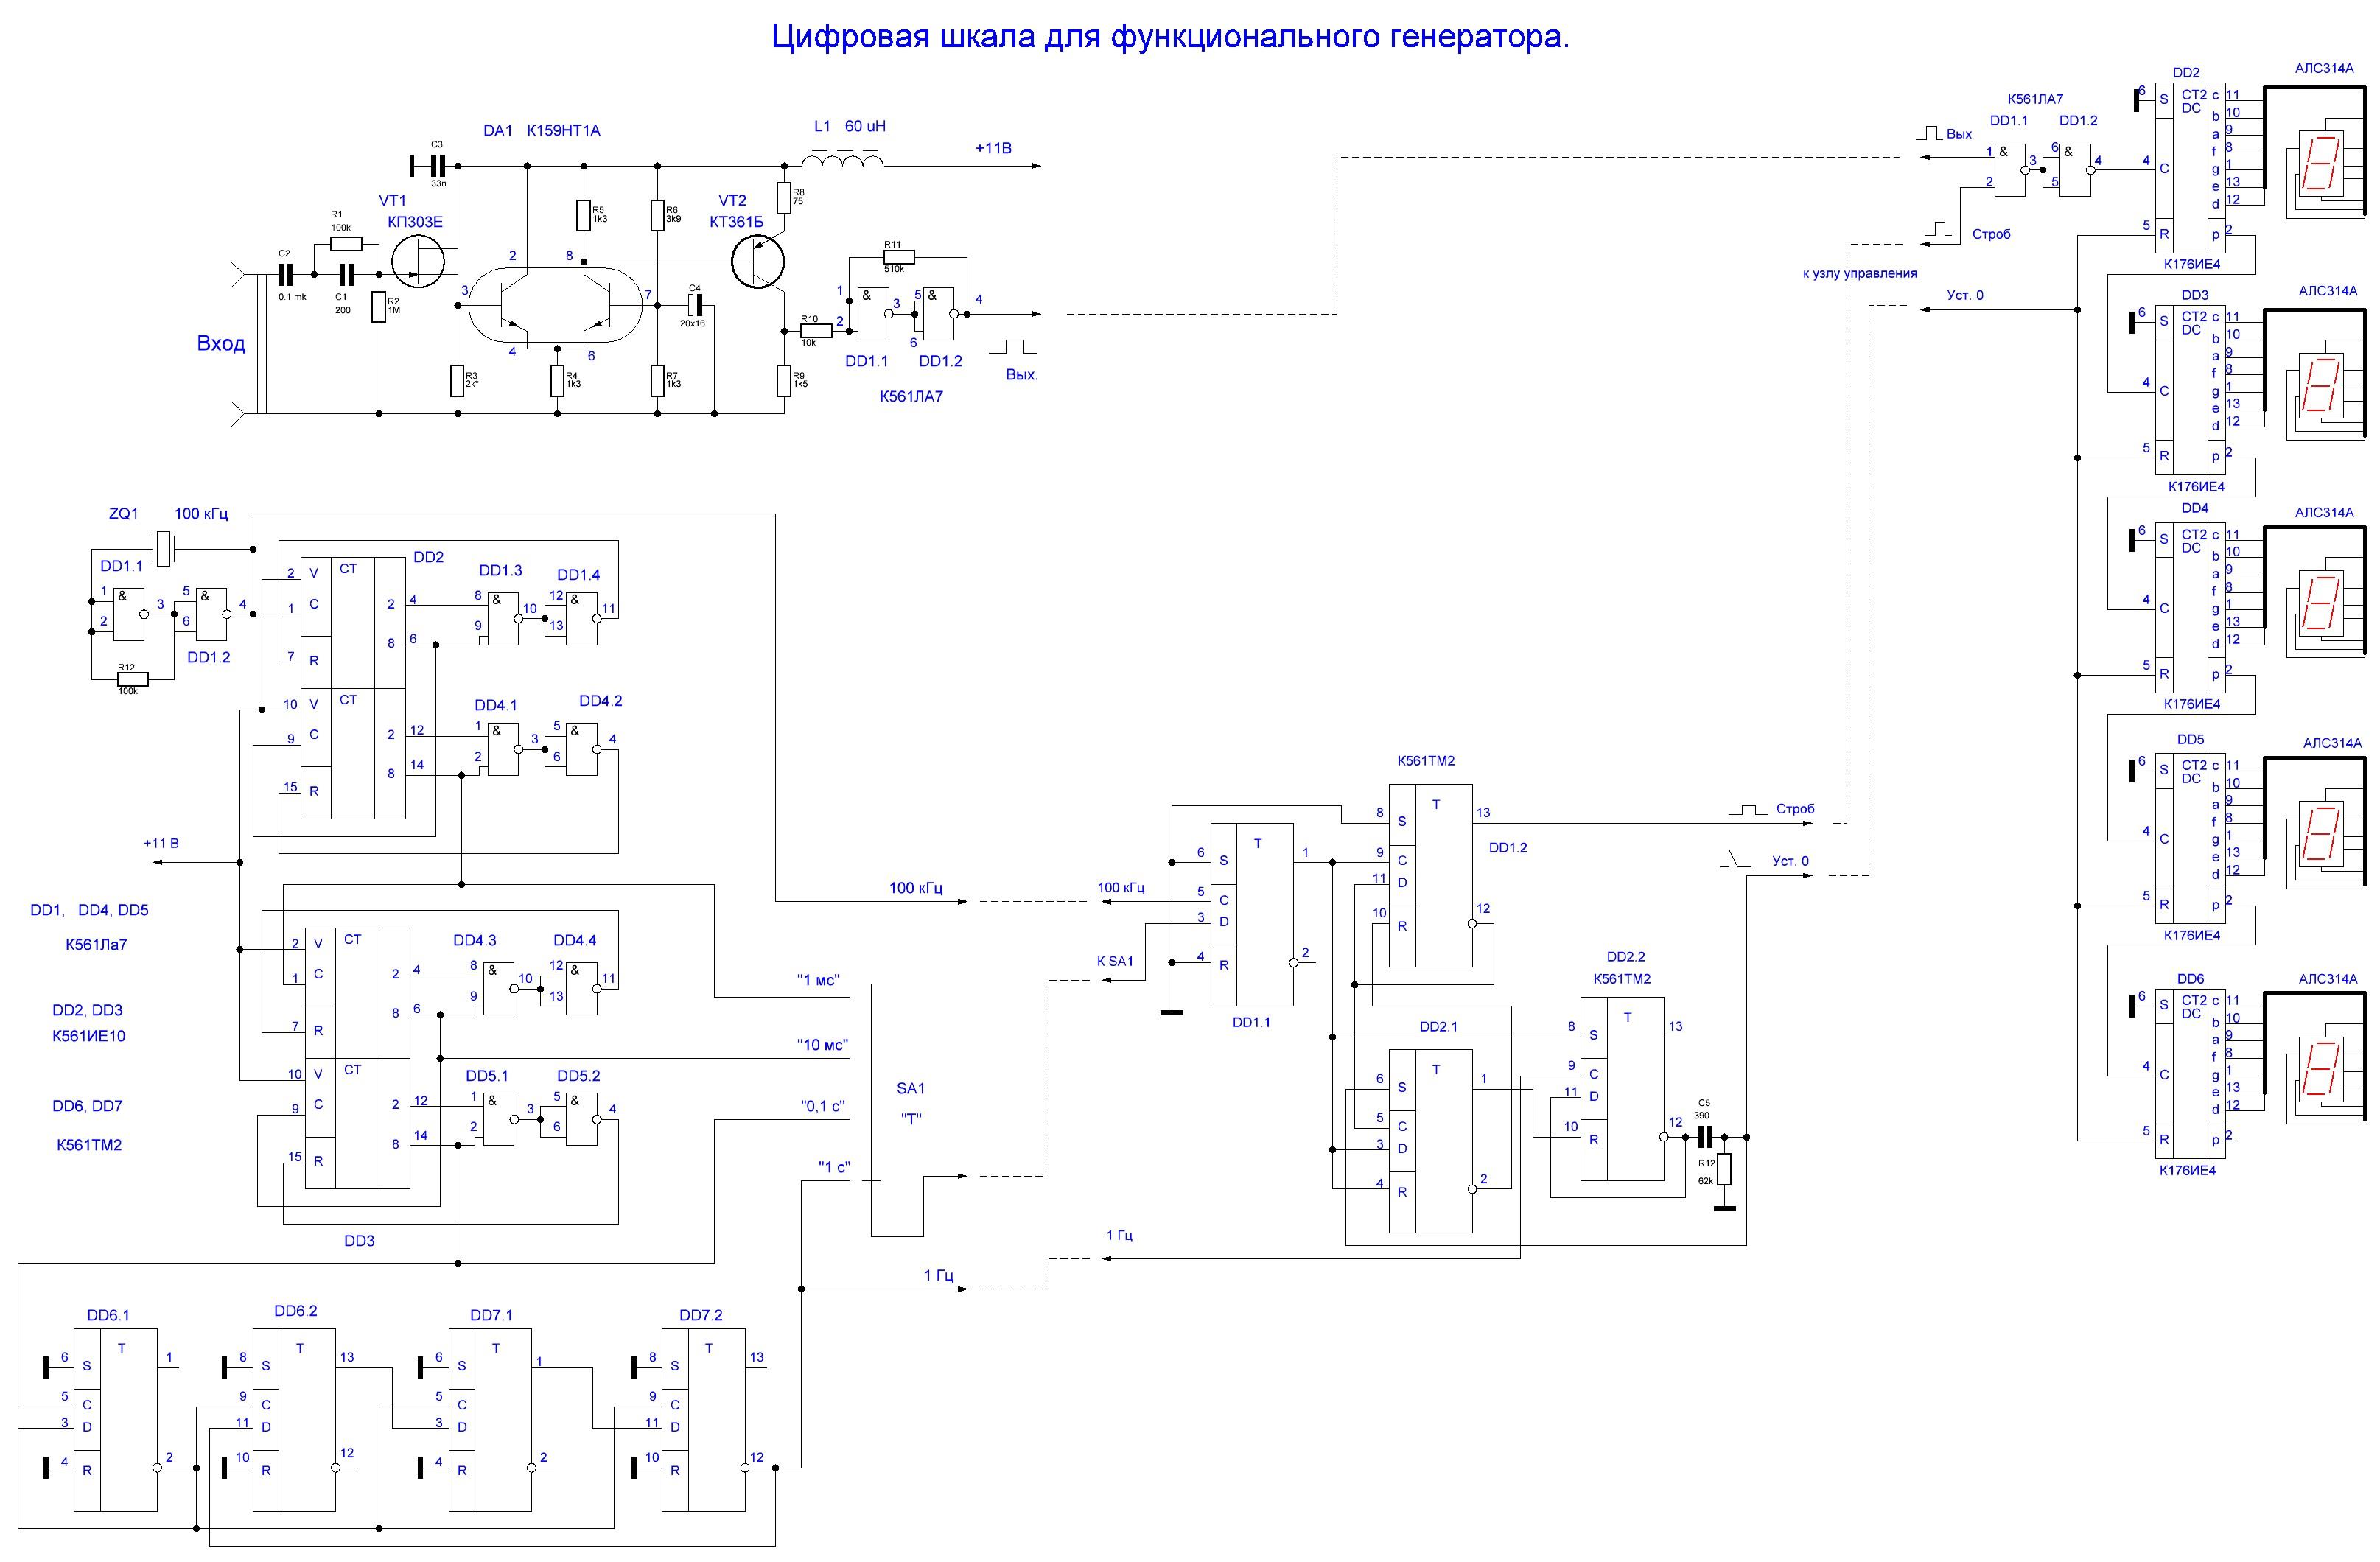 используются,чтобы функциональный генератор на к561ла7 например, доминантсептаккорд включает